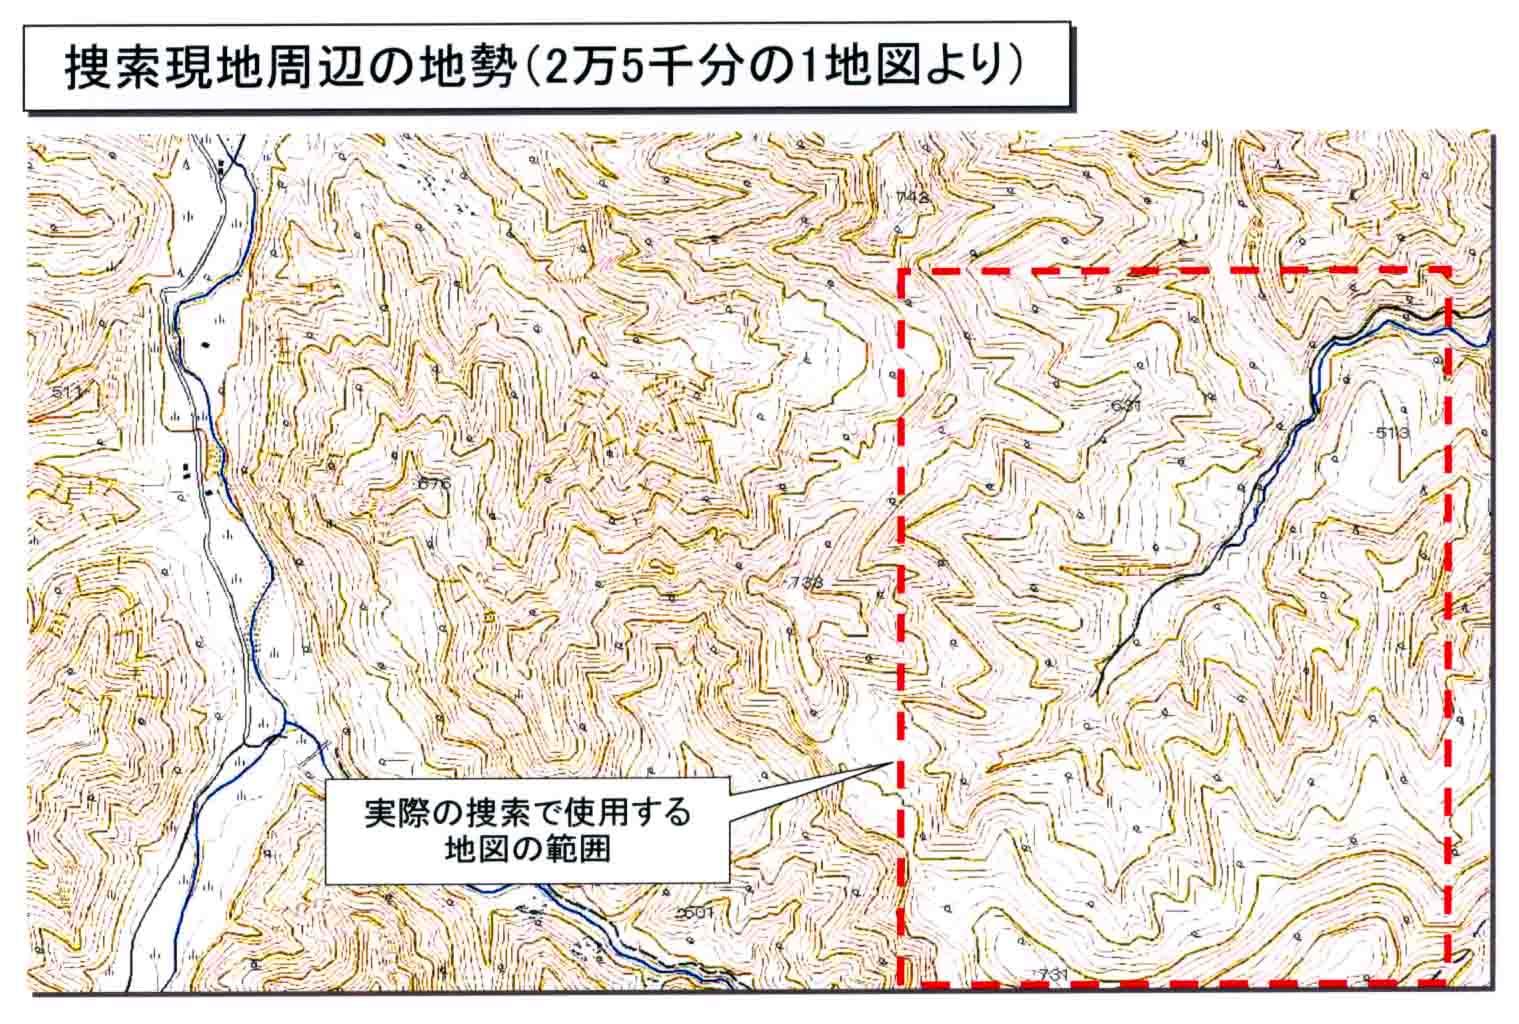 捜索地の地勢(2万5千地図より)